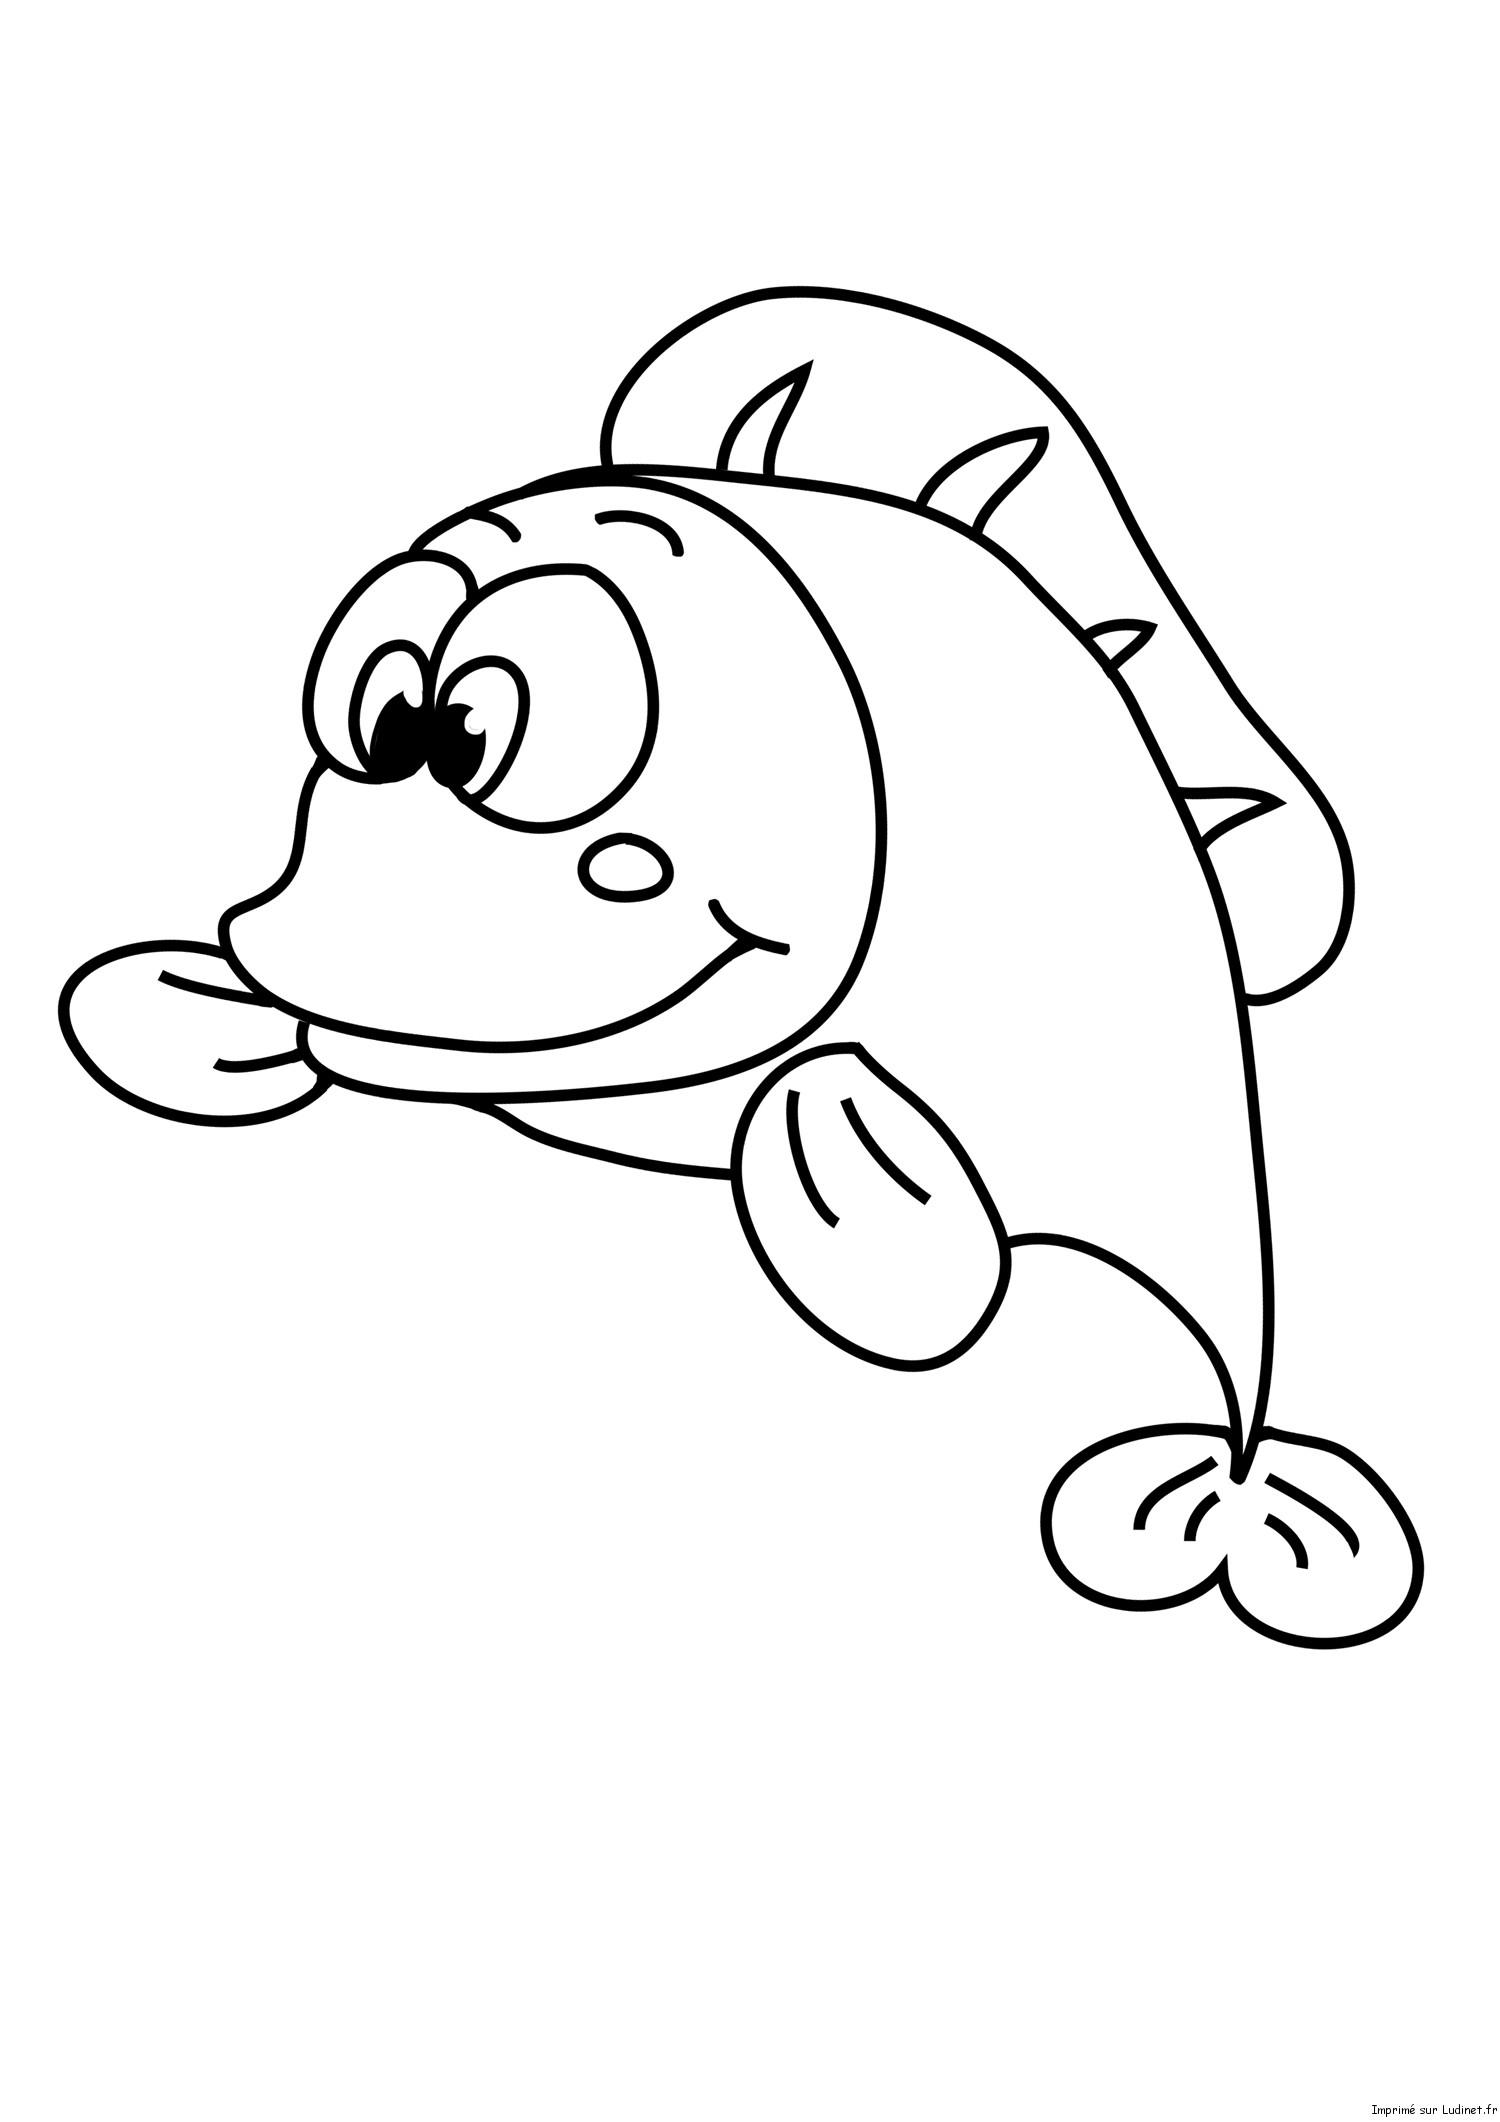 Coloriage poisson d 39 avril poisson gros - Coloriage de poisson ...